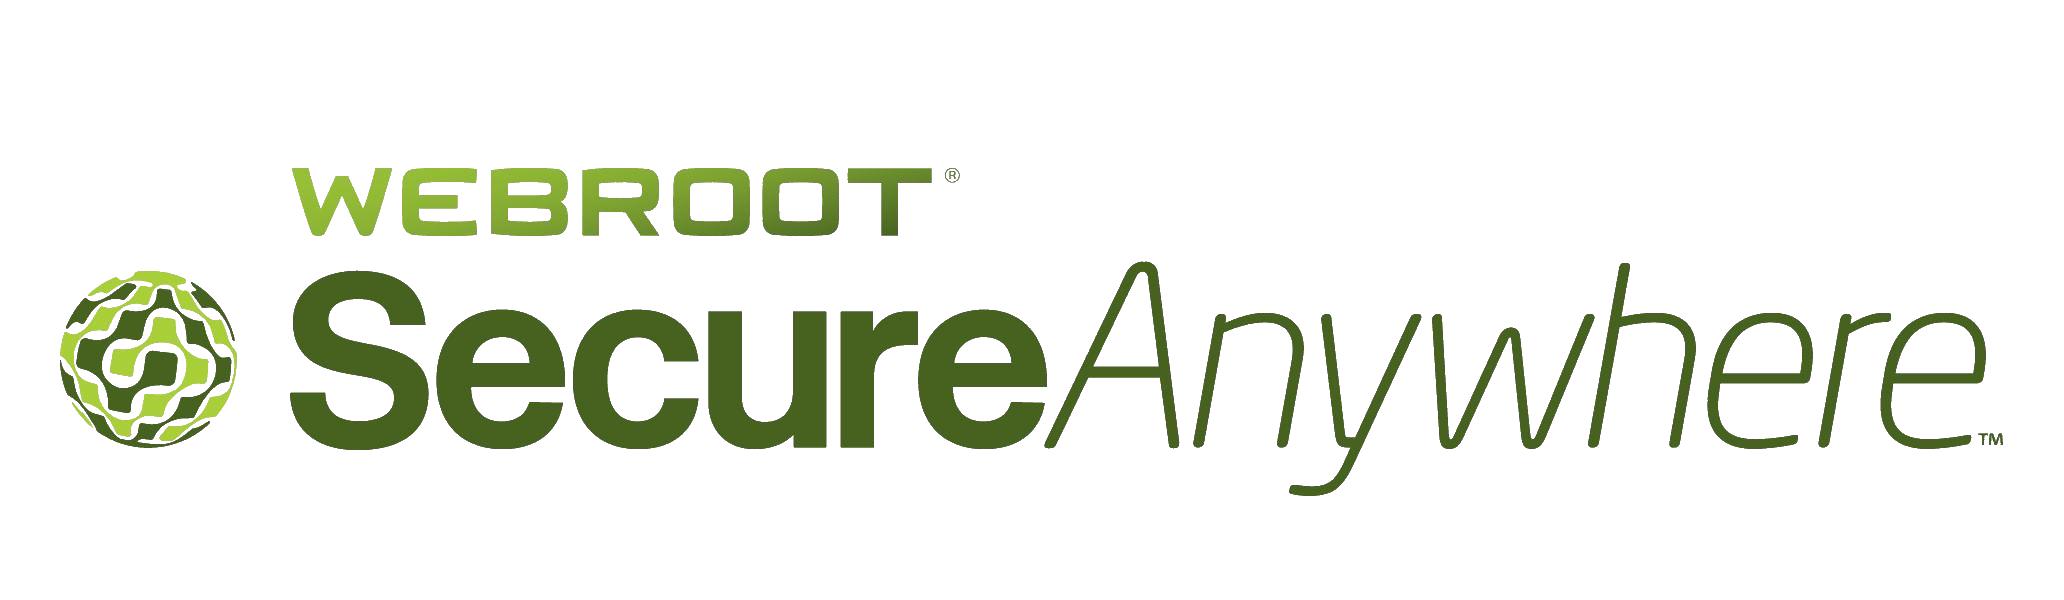 webroot_secure